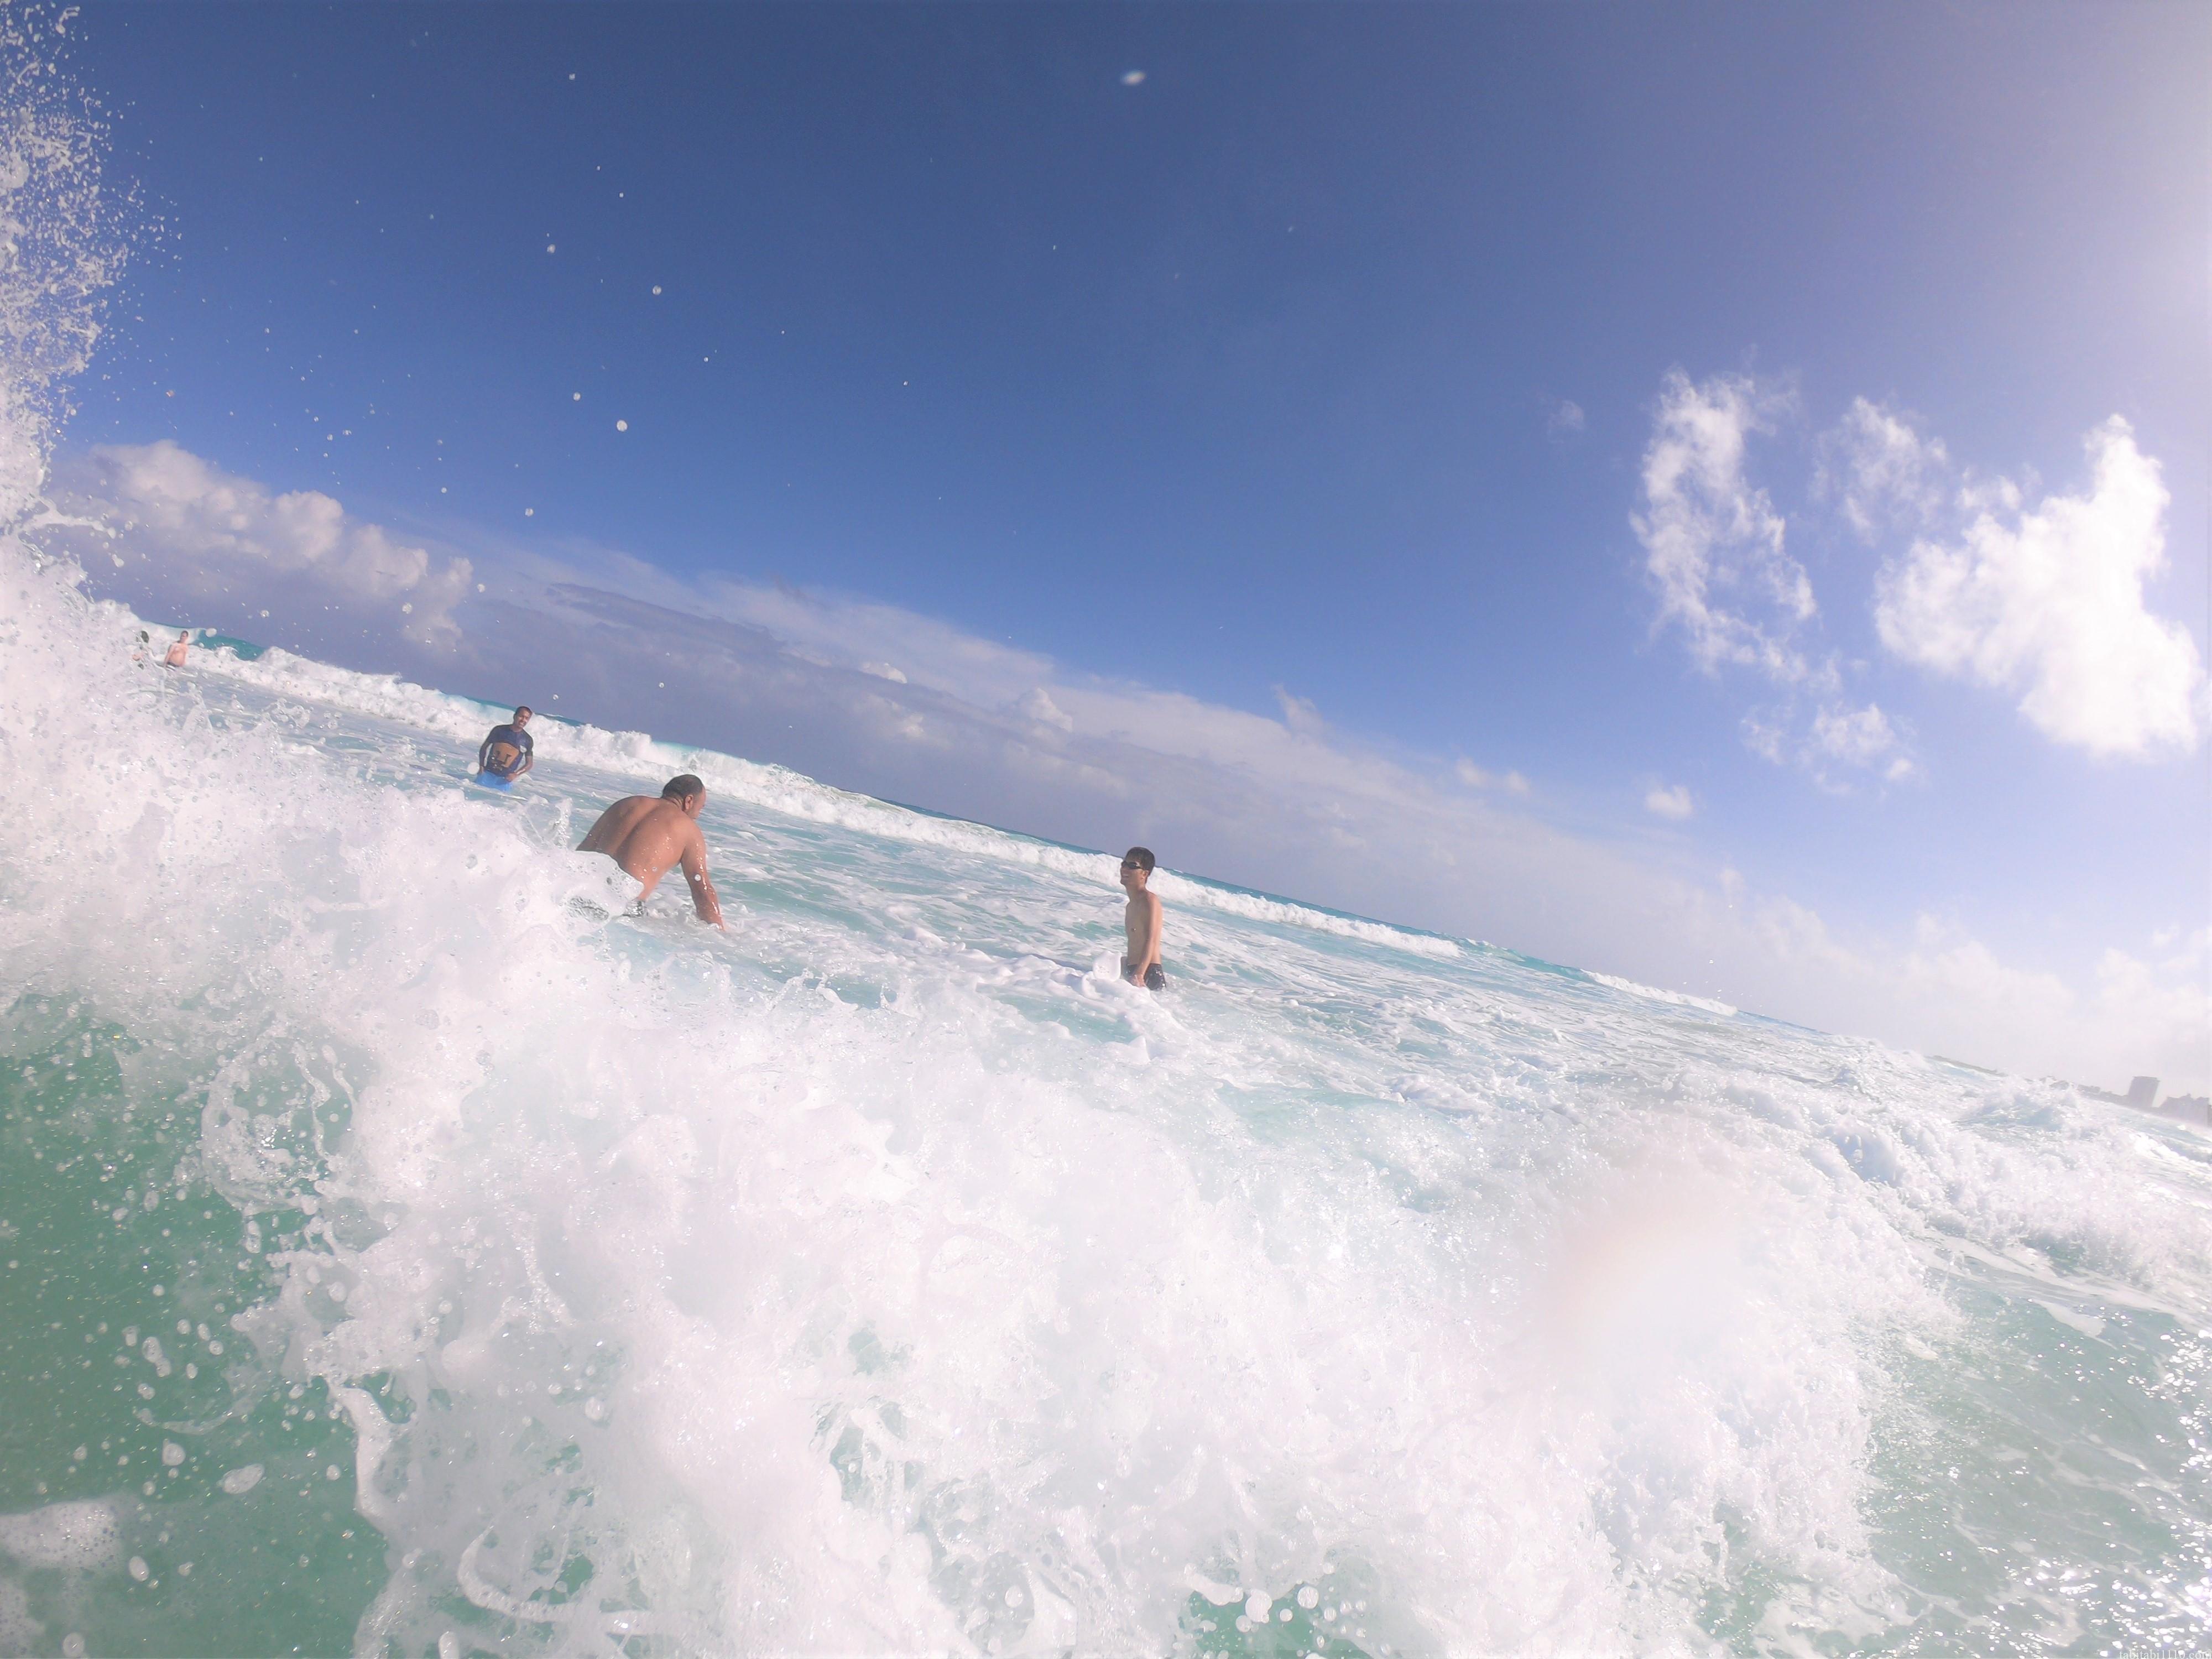 プラヤデルフィネス(Playa Delfines)